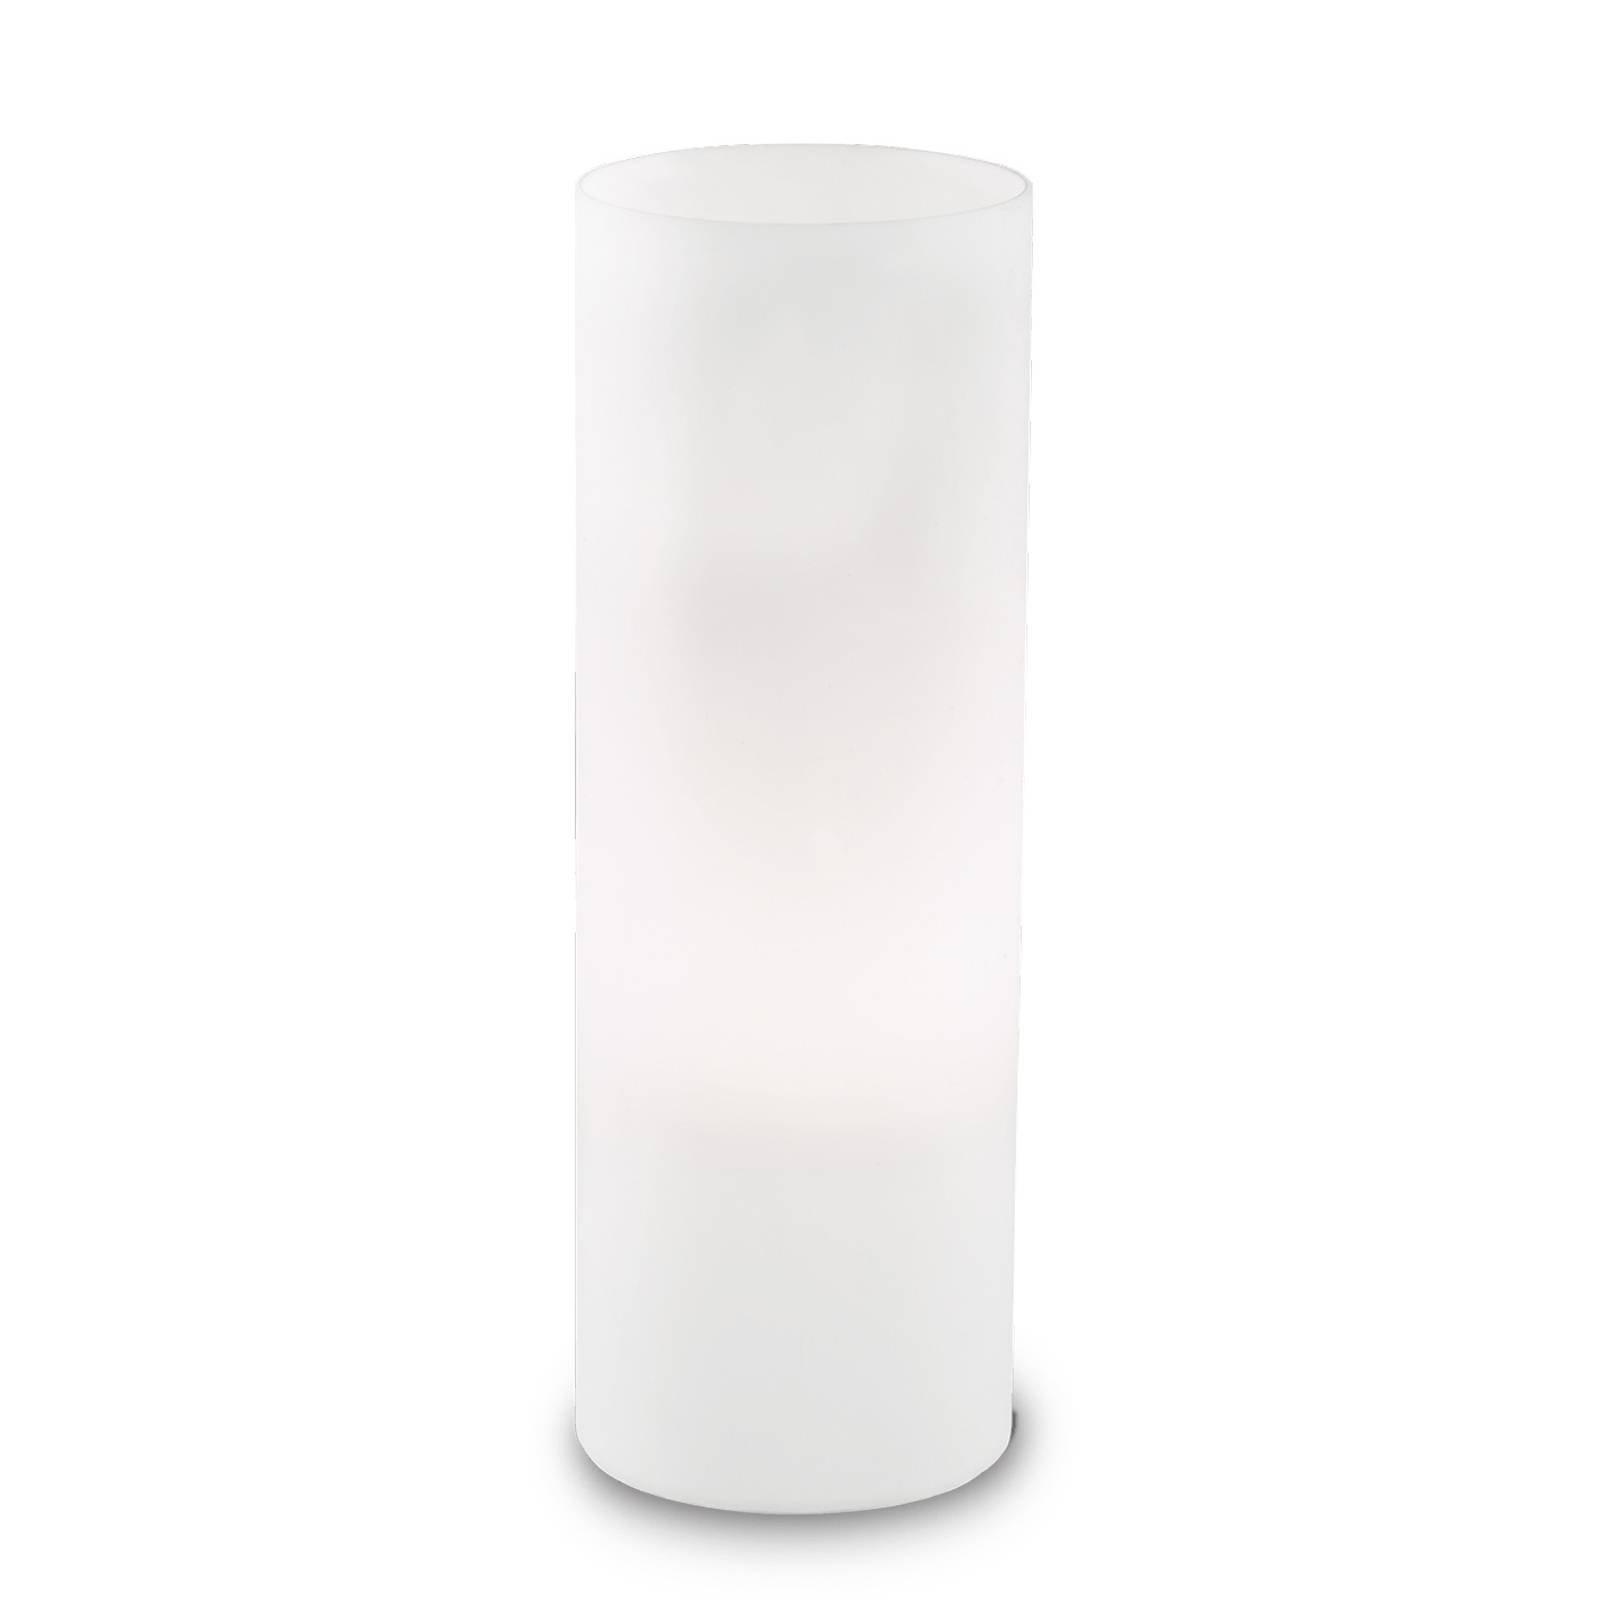 Bordlampe Edo av hvitt glass, høyde 35 cm